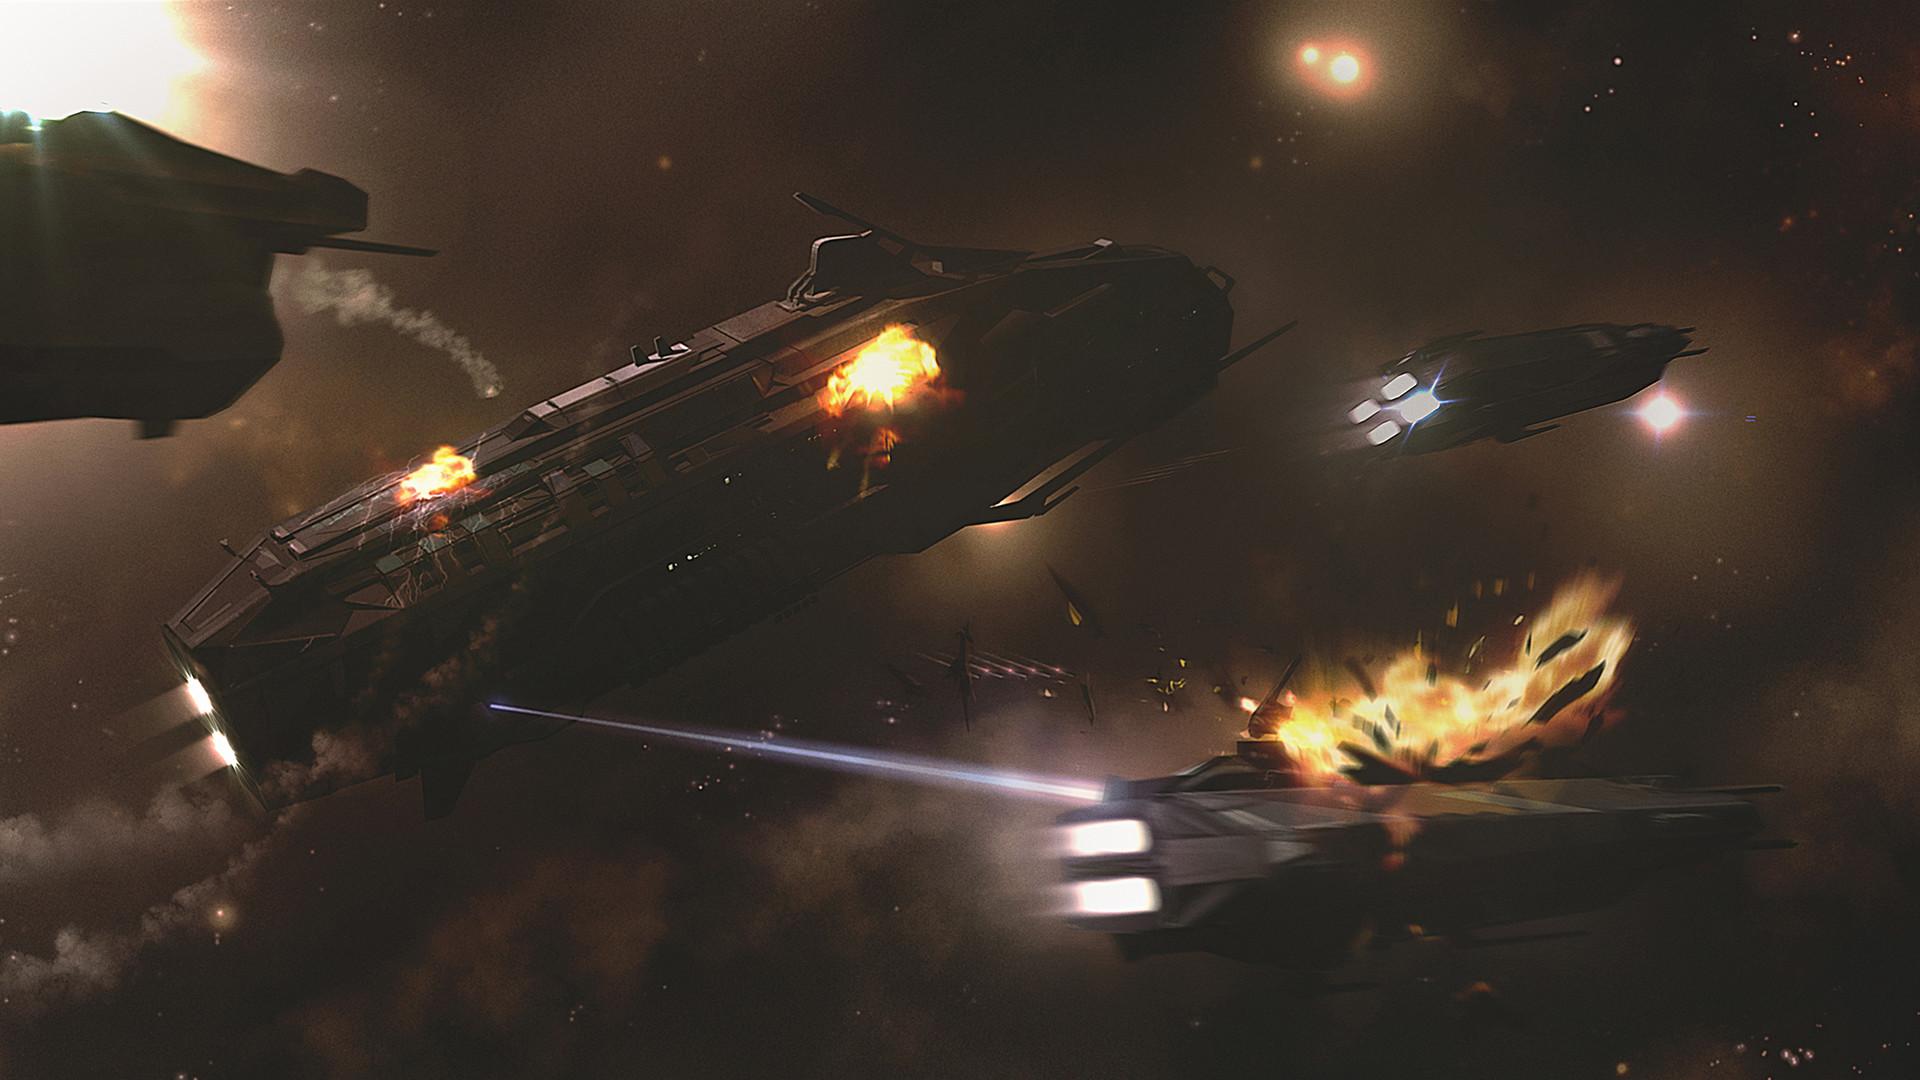 Space Battle - 2014